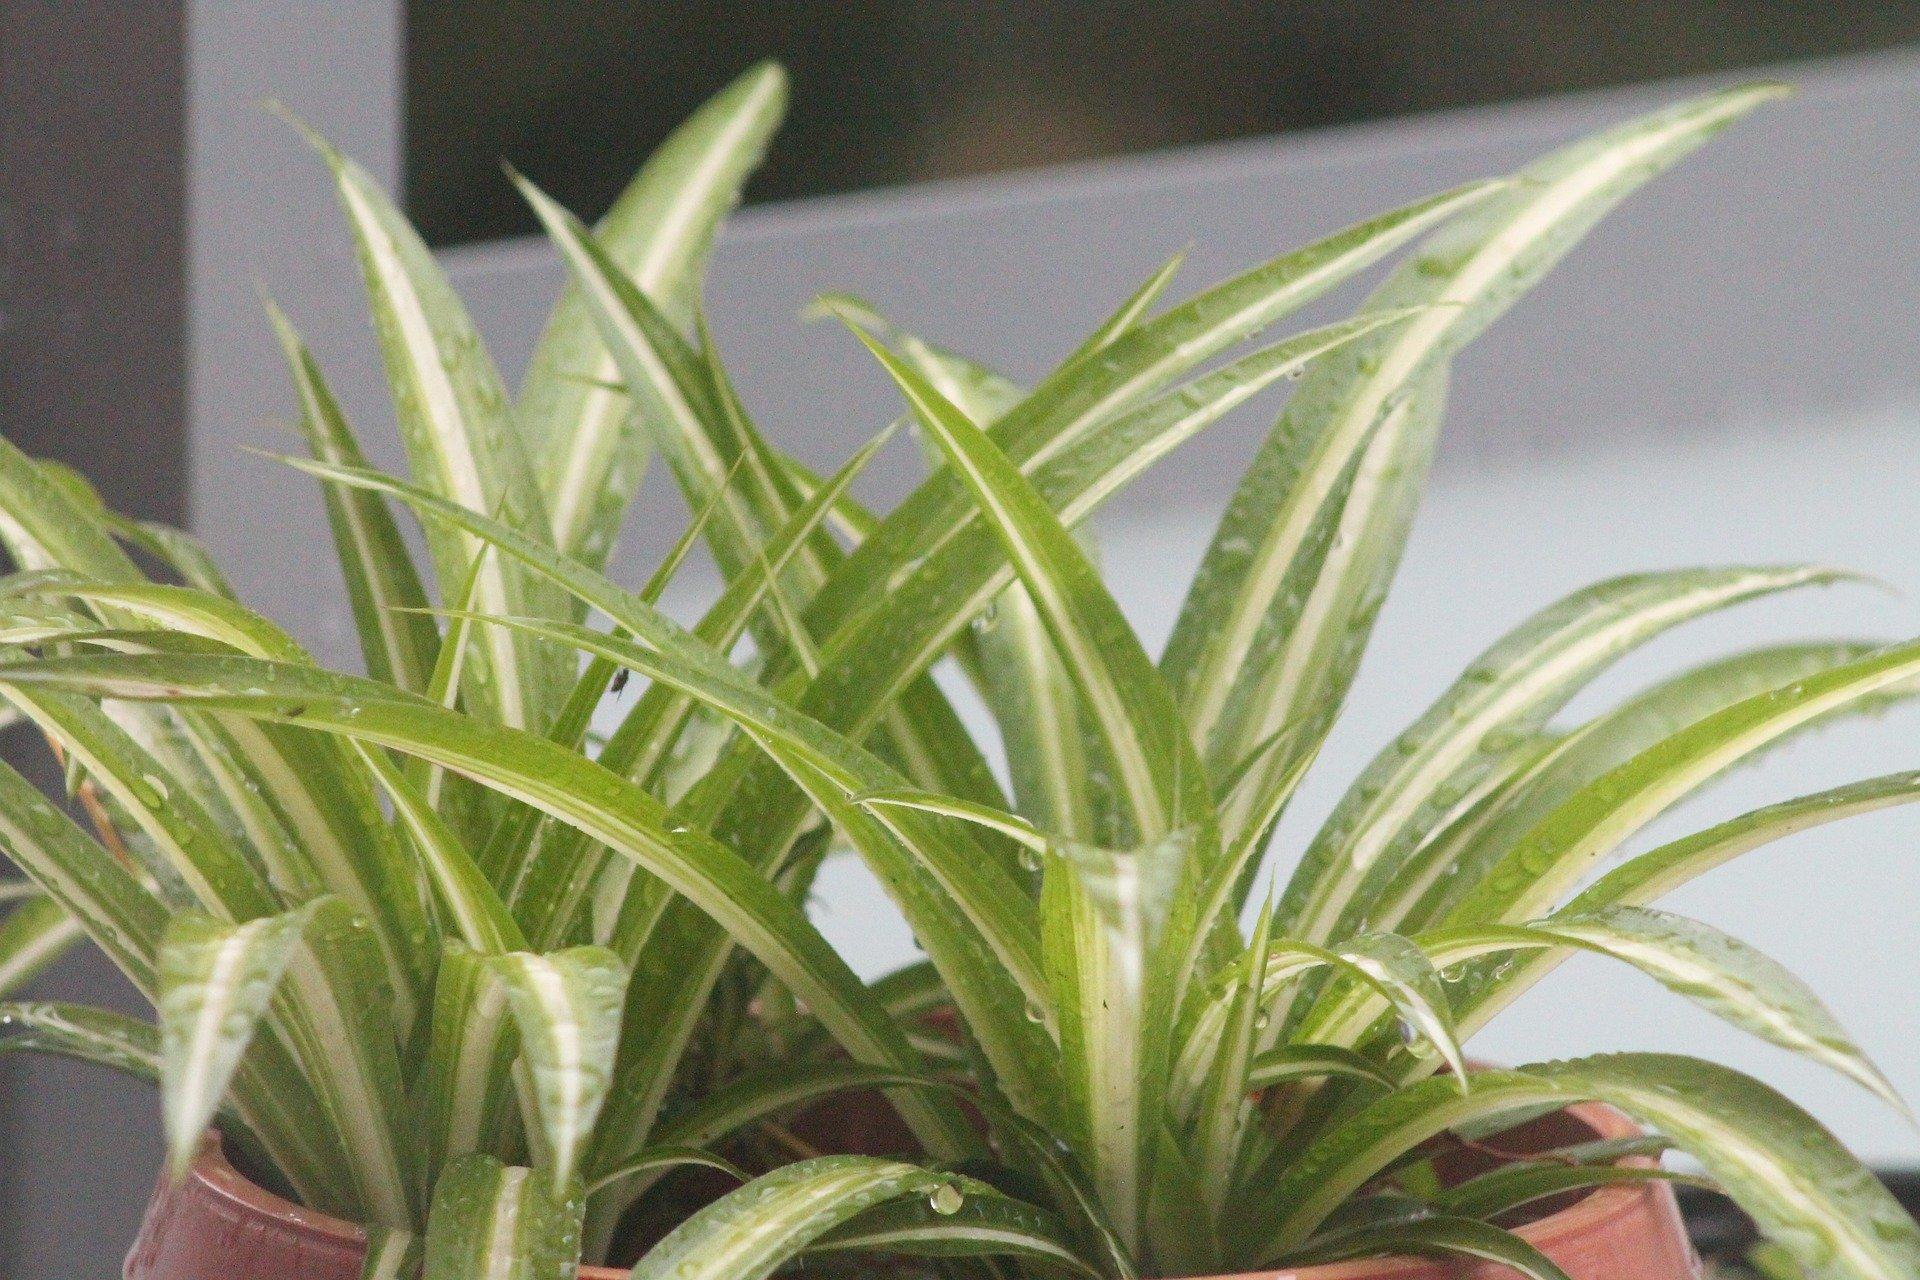 Wenn Ihre Grünlilie braune Spitzen hat, helfen oft schon kleine Veränderungen